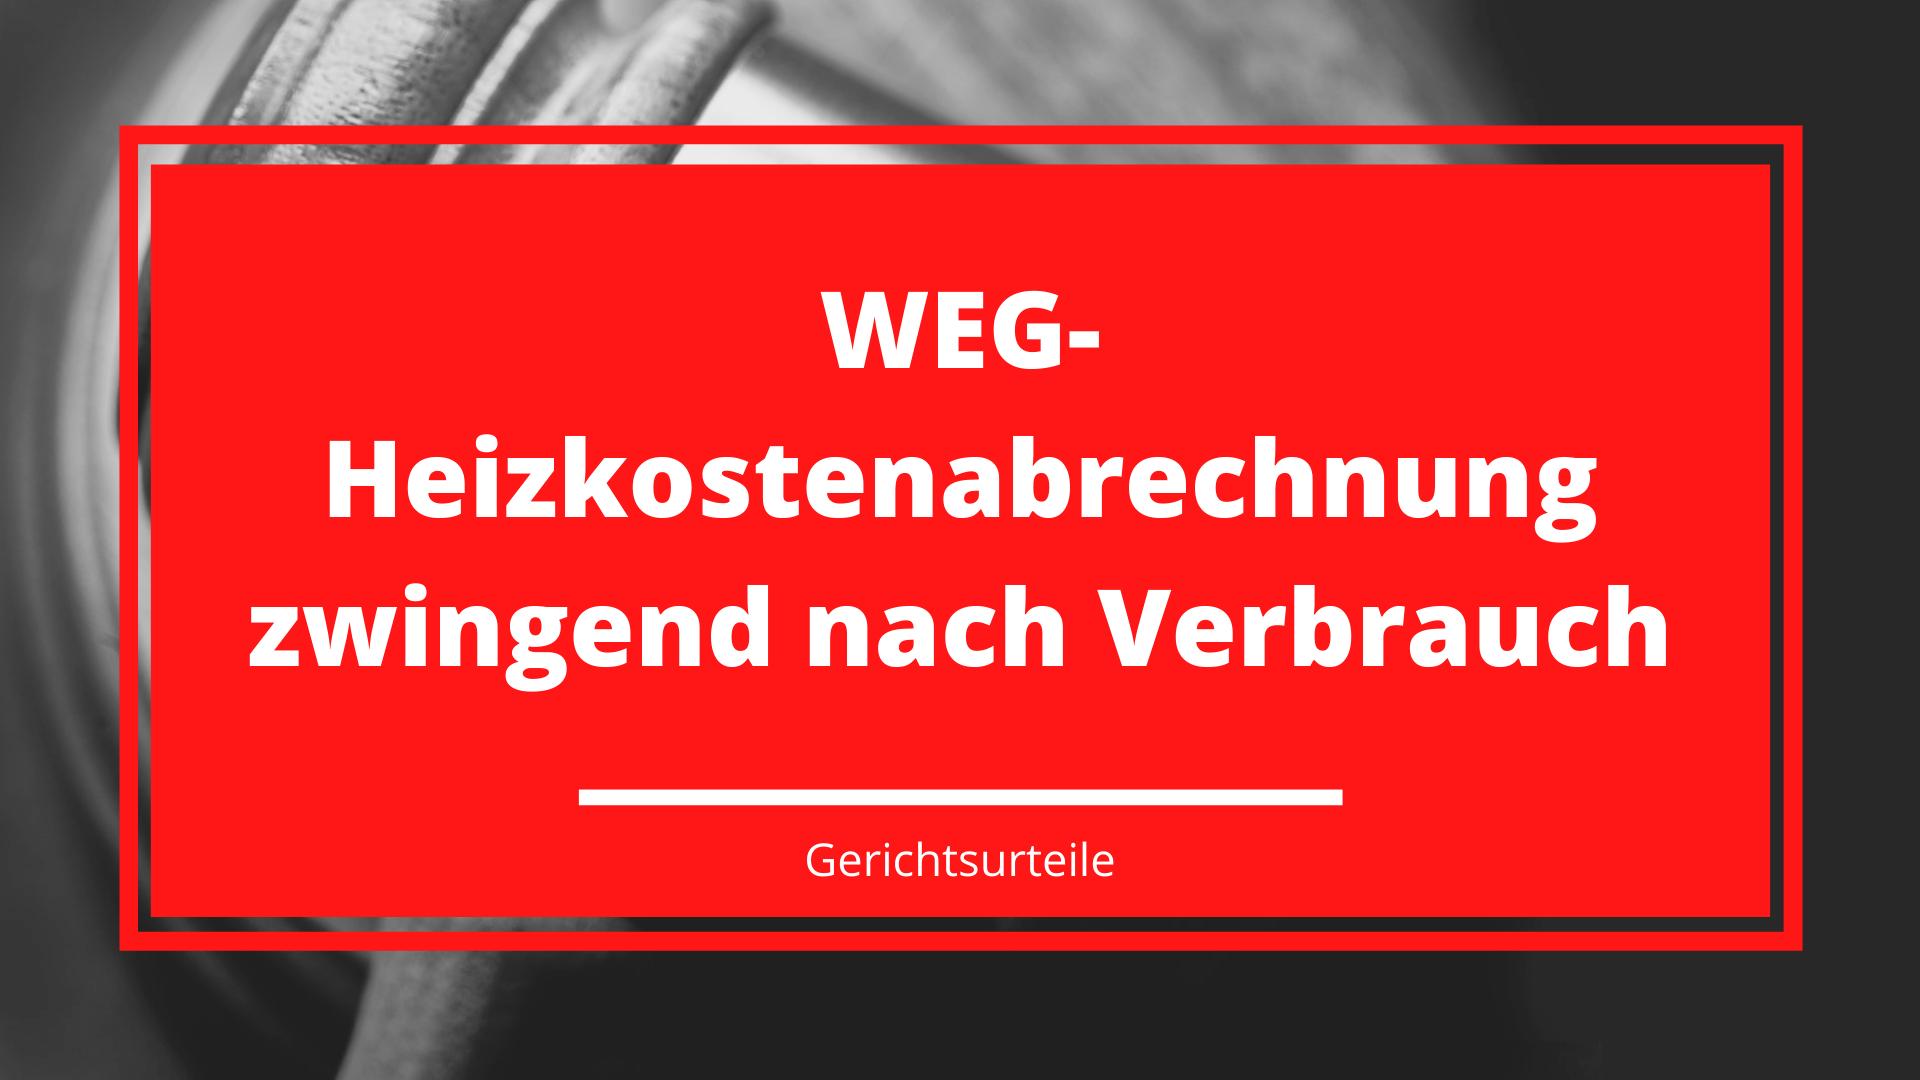 WEG-Heizkostenabrechnung zwingend nach Verbrauch